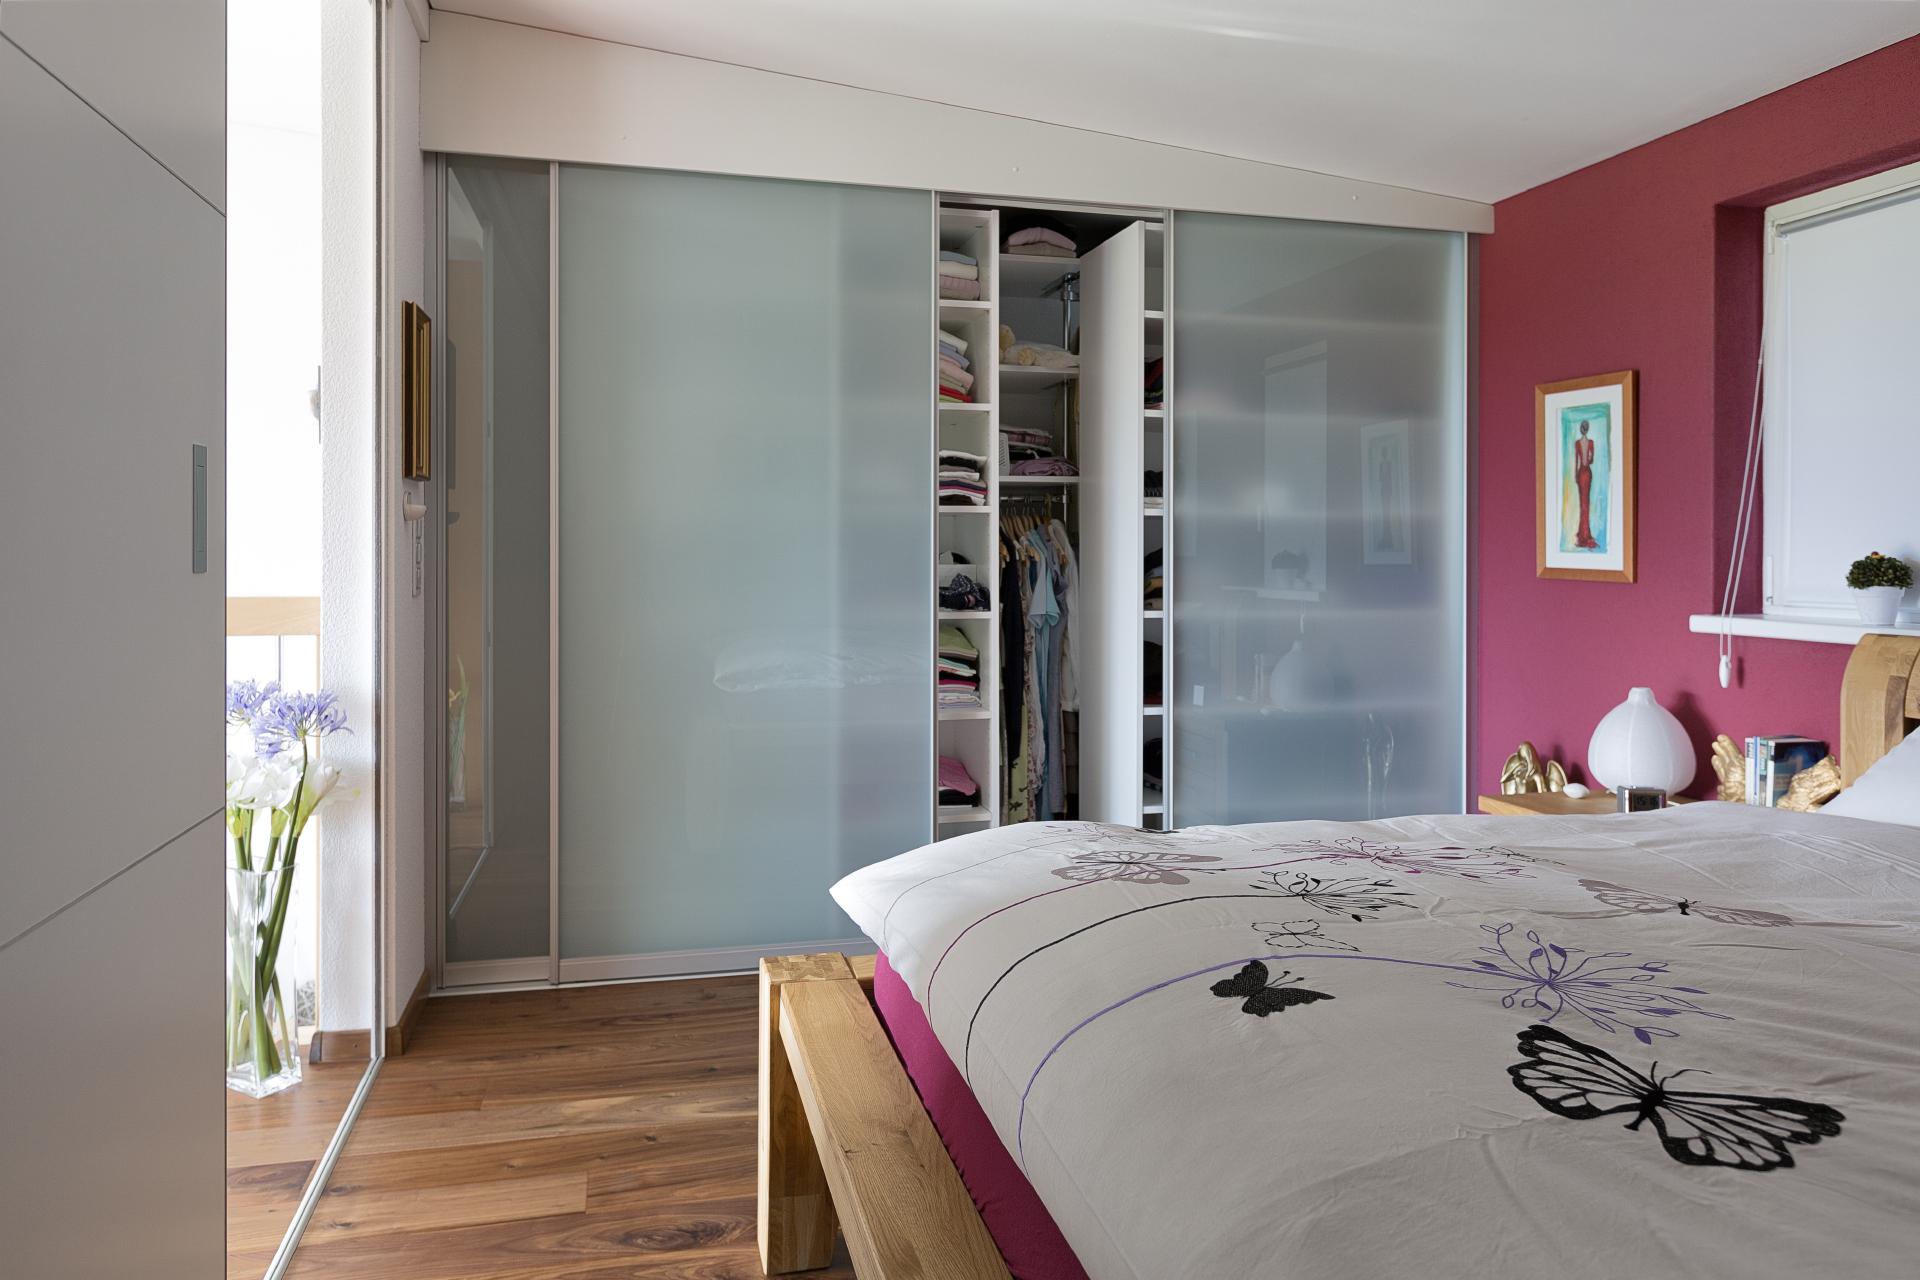 schiebet renschrank mit schieberegalen f r doppelte tiefennutzung auf zu. Black Bedroom Furniture Sets. Home Design Ideas